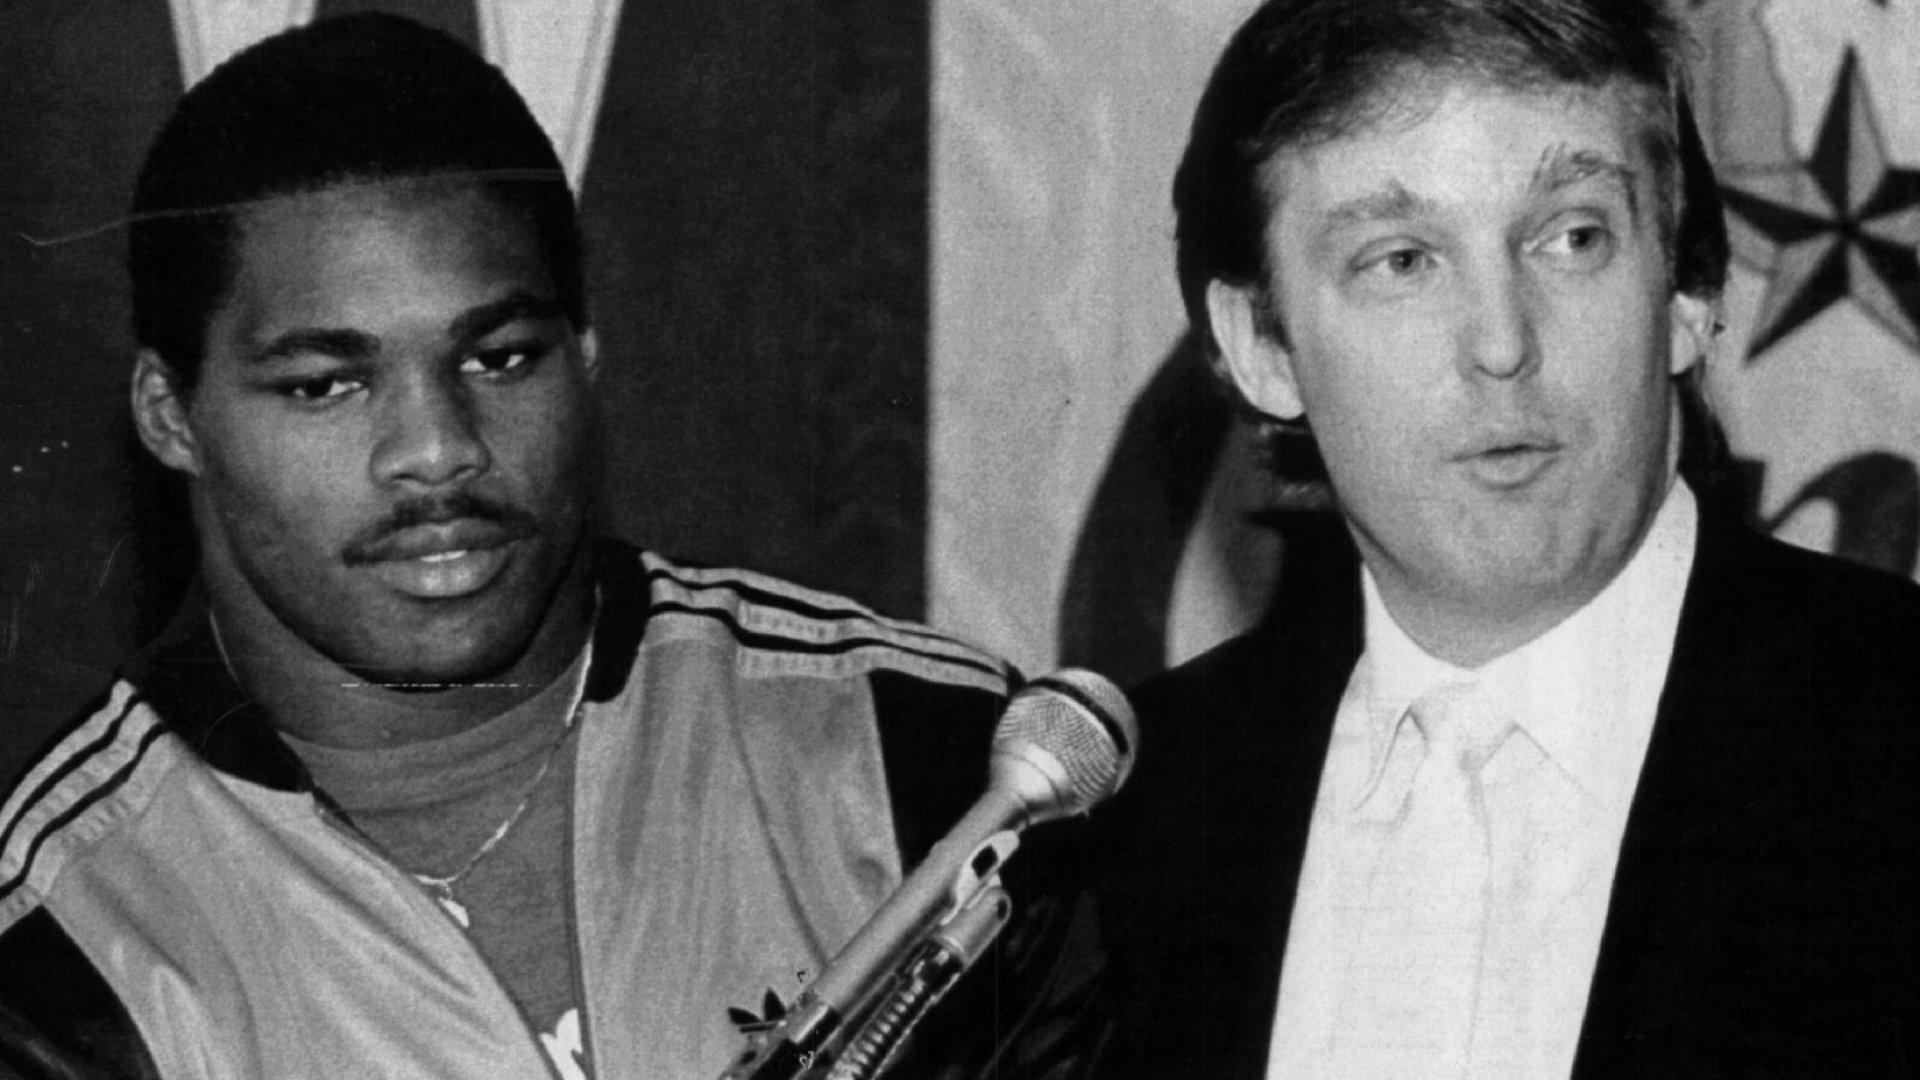 Herschel Walker and Donald Trump.